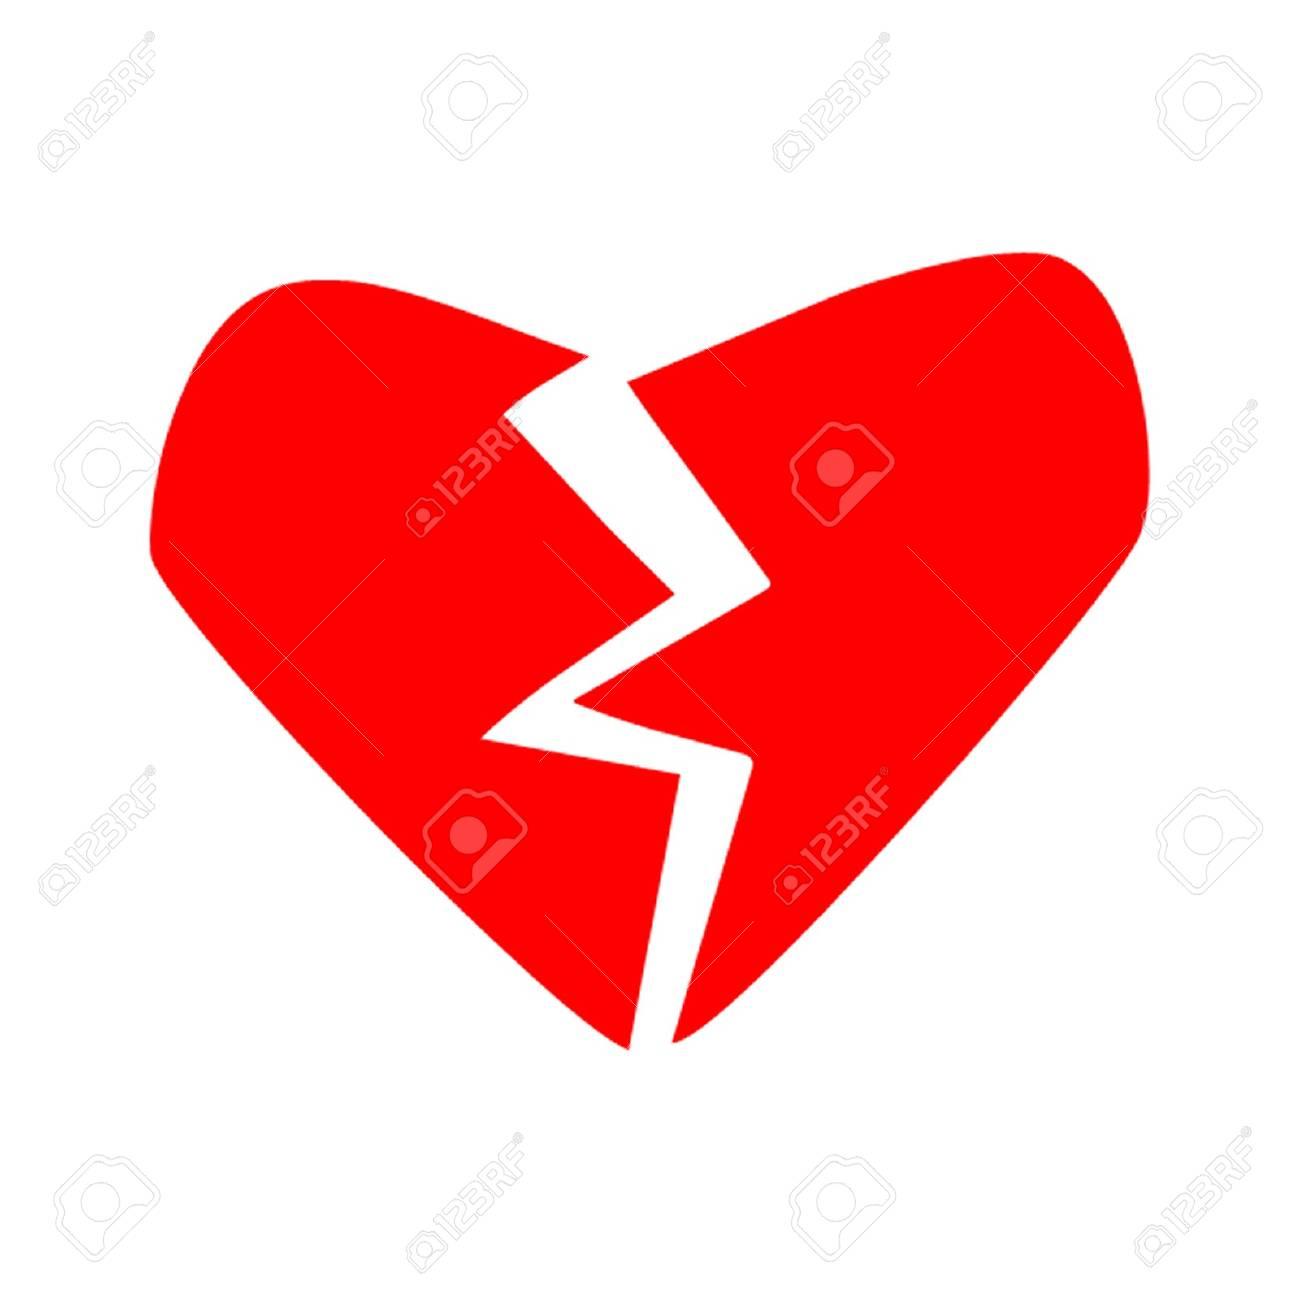 Broken Heart Stock Vector - 12833644